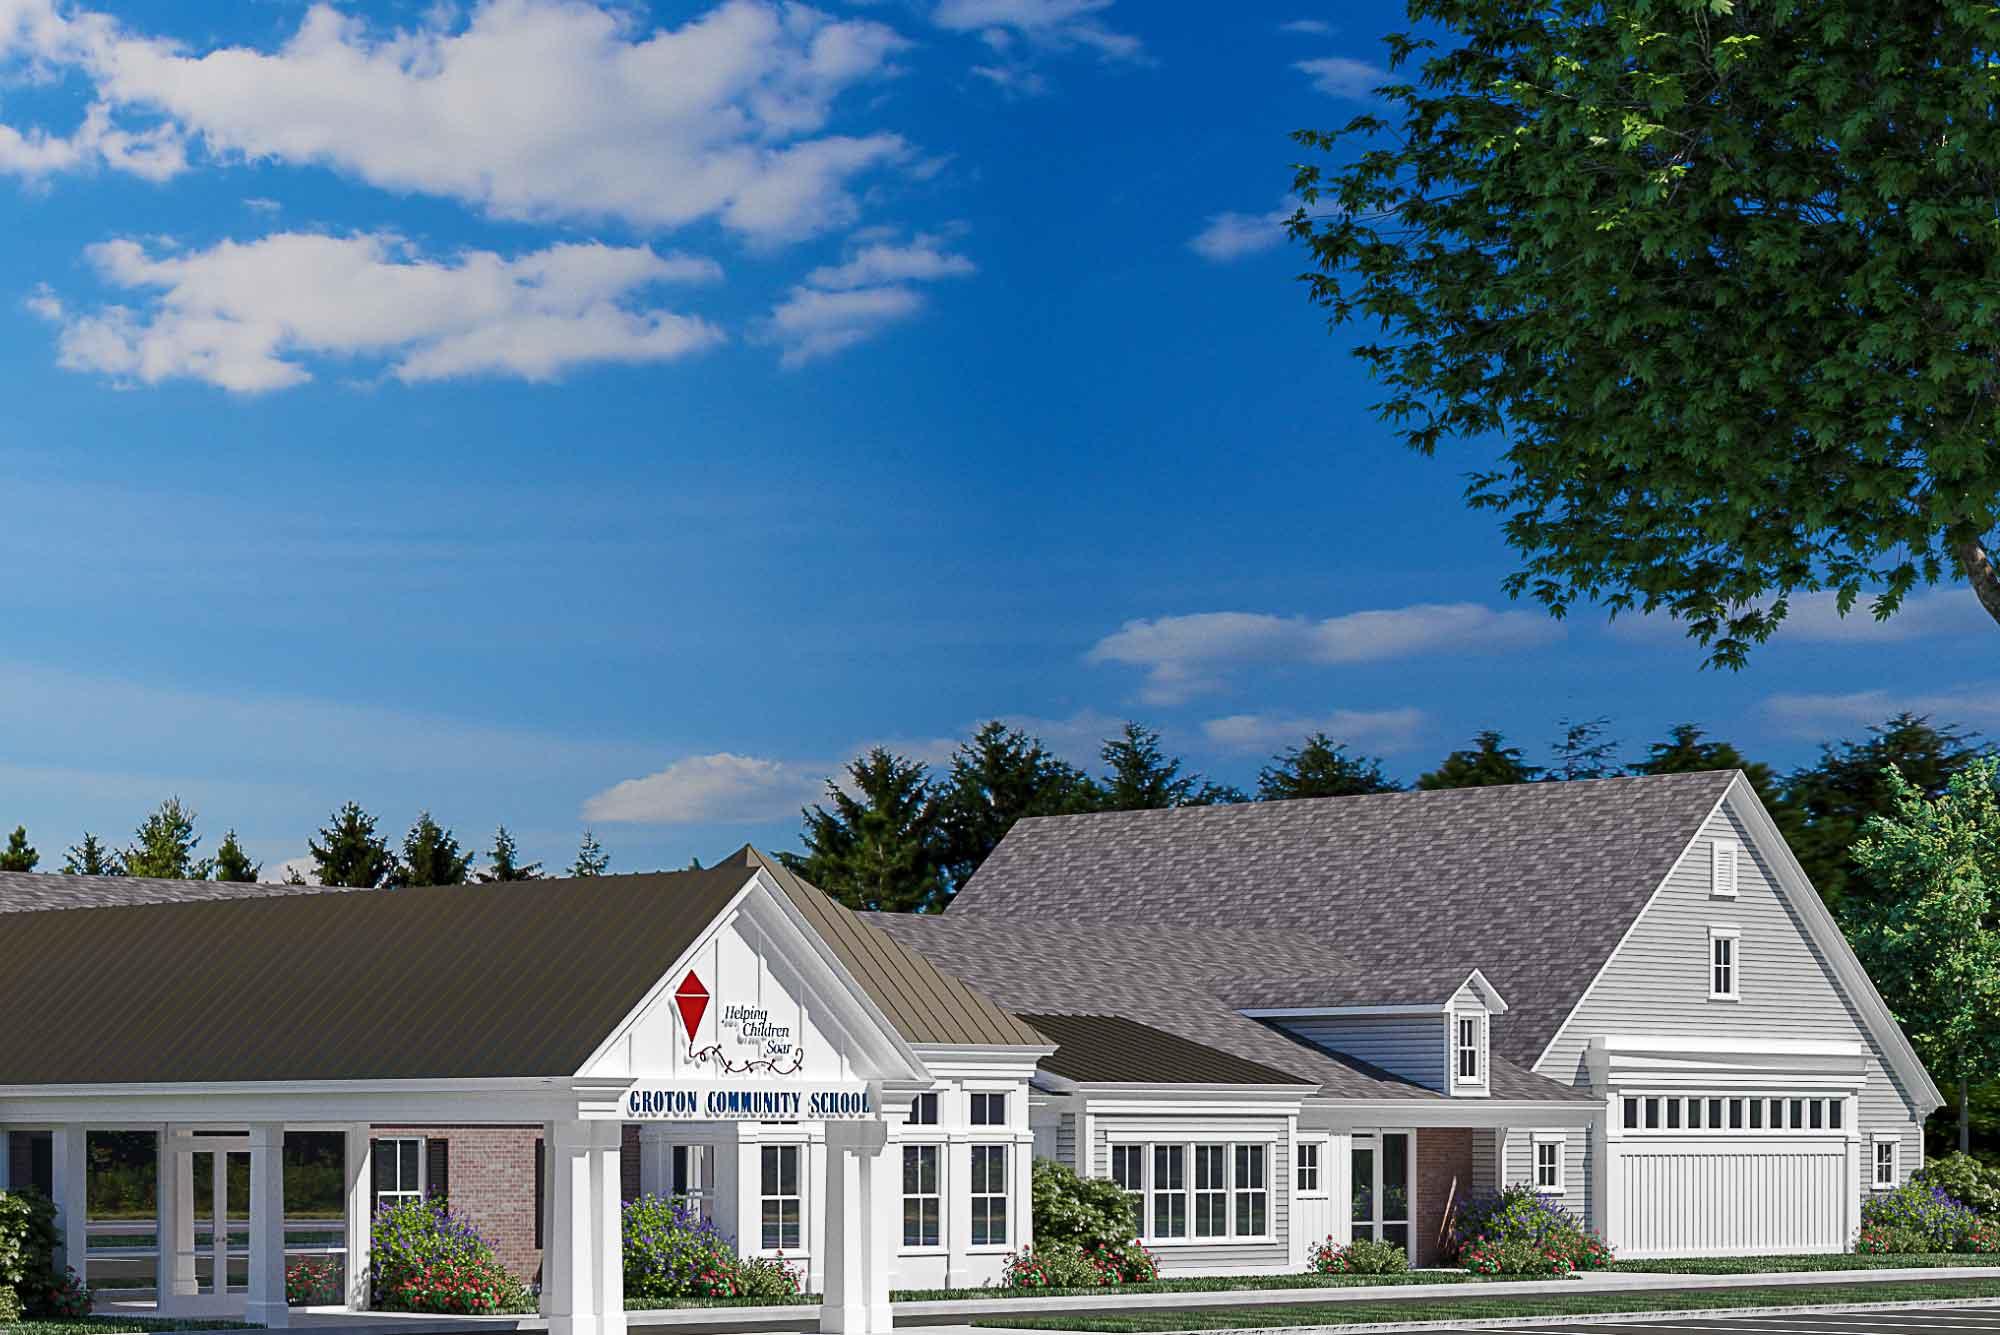 School Building Design Groton Community School